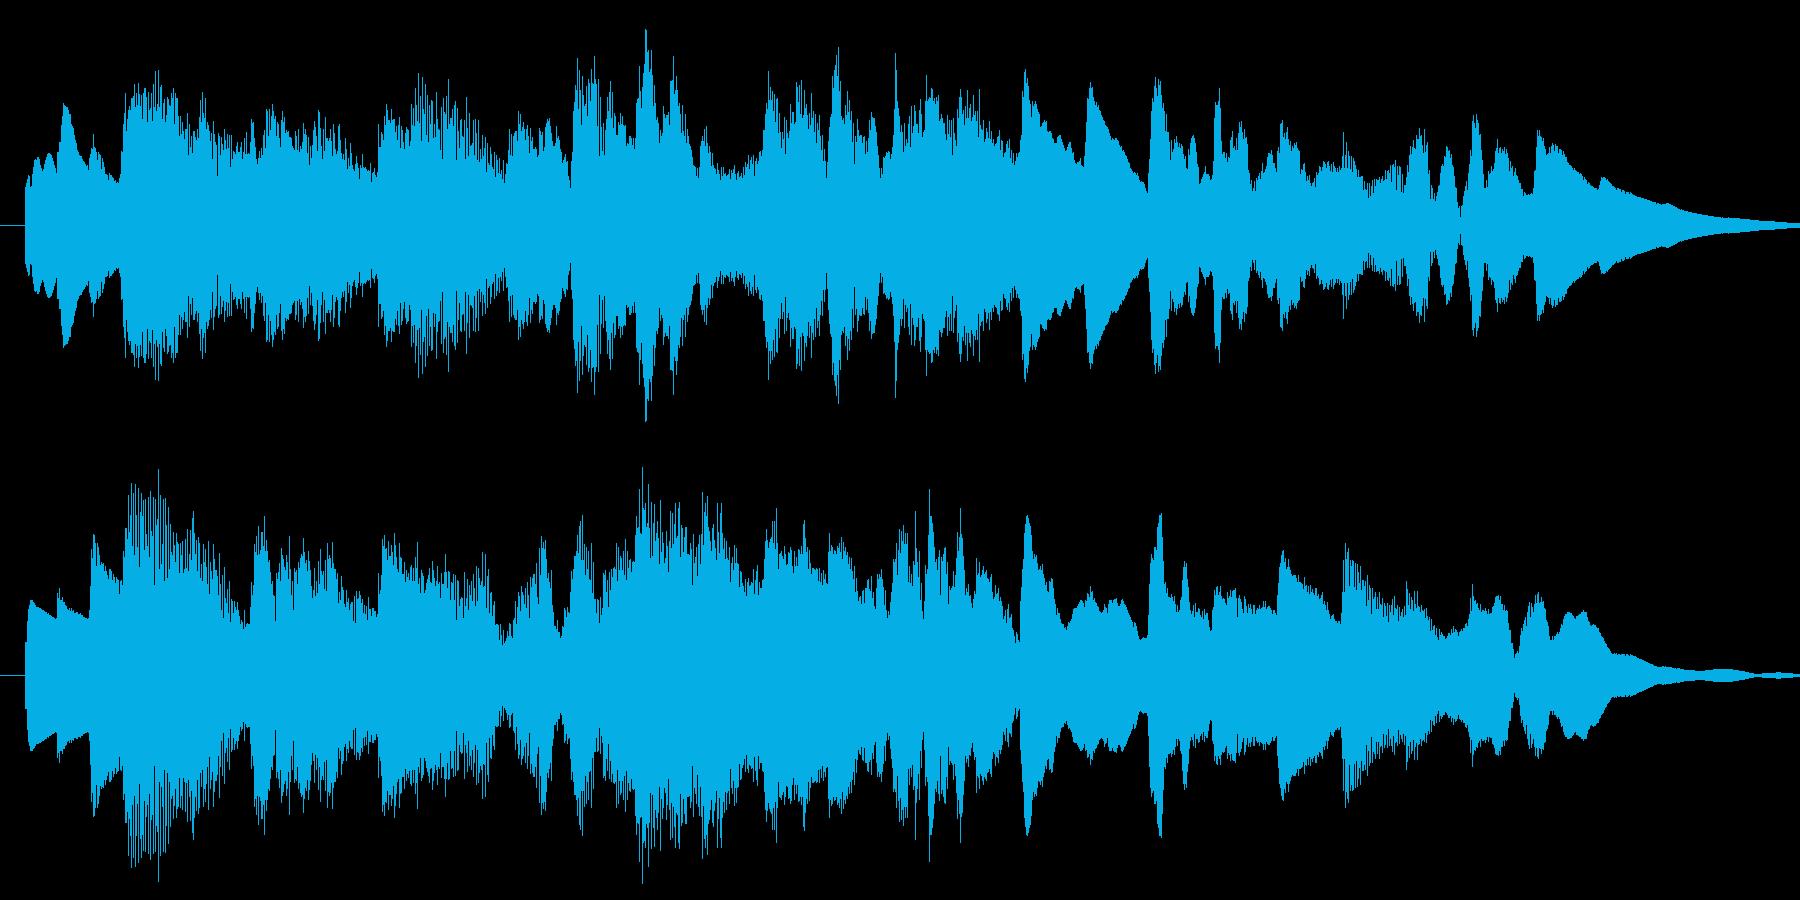 切なく幻想的なオルゴール風の曲の再生済みの波形